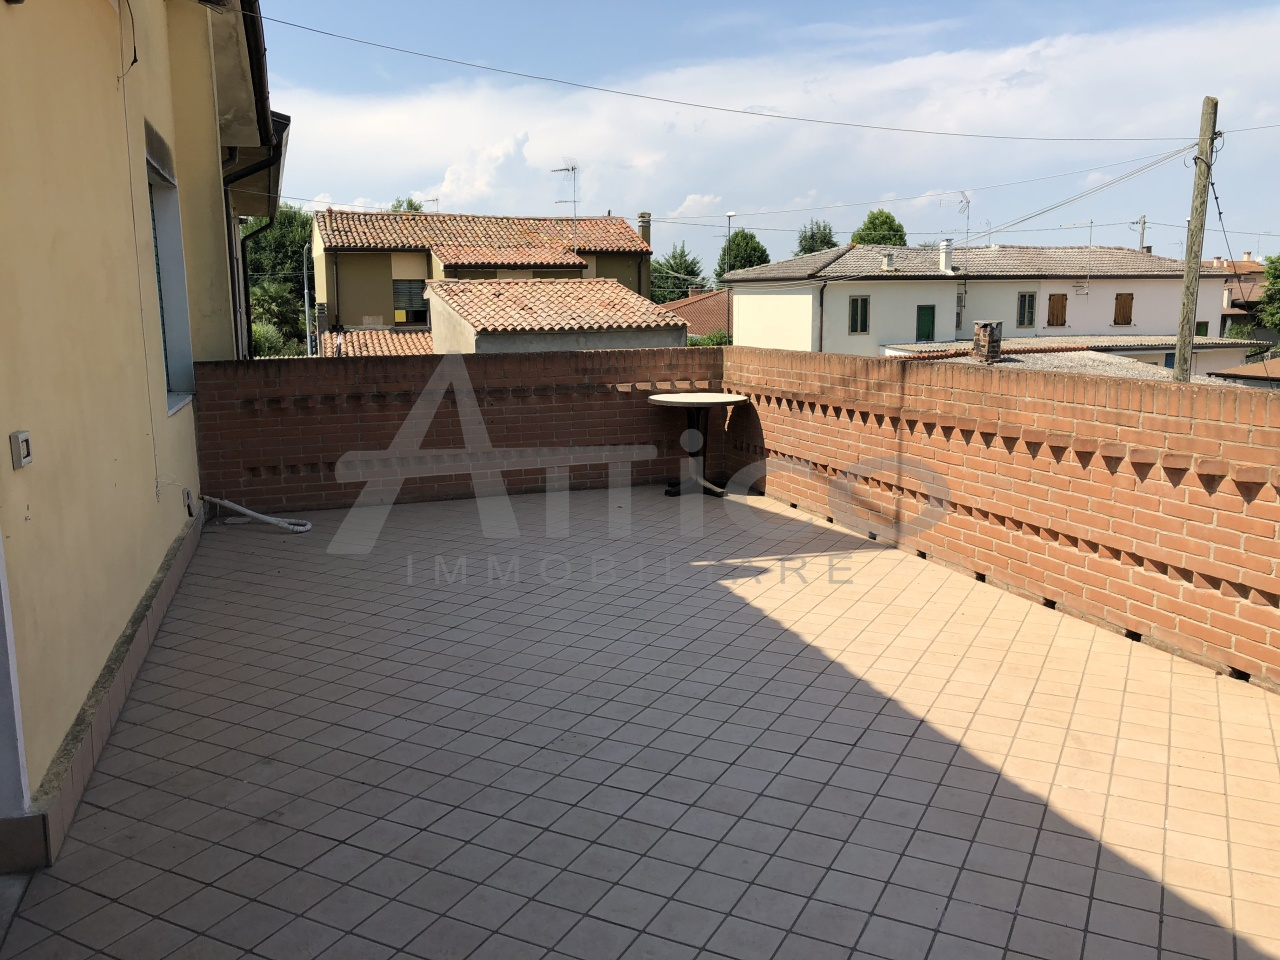 Appartamento in vendita a Villadose, 6 locali, prezzo € 85.000 | CambioCasa.it